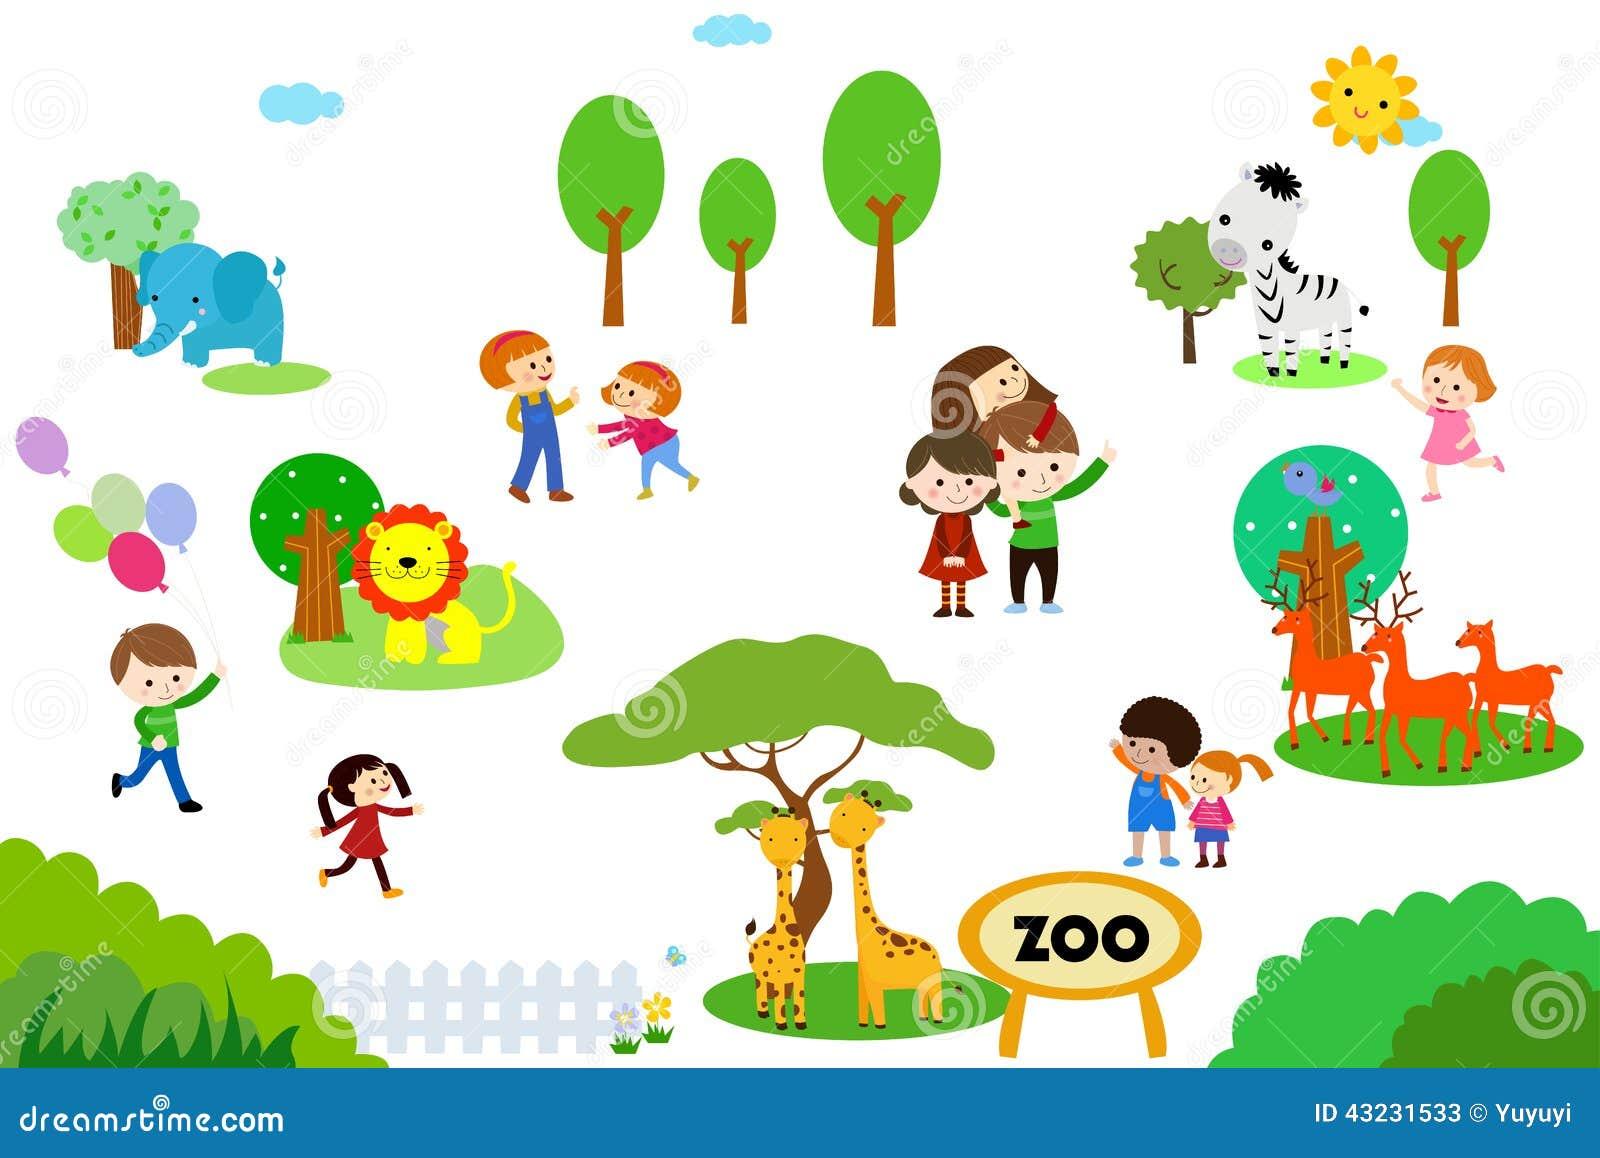 Ομάδα παιδιών στο ζωολογικό κήπο